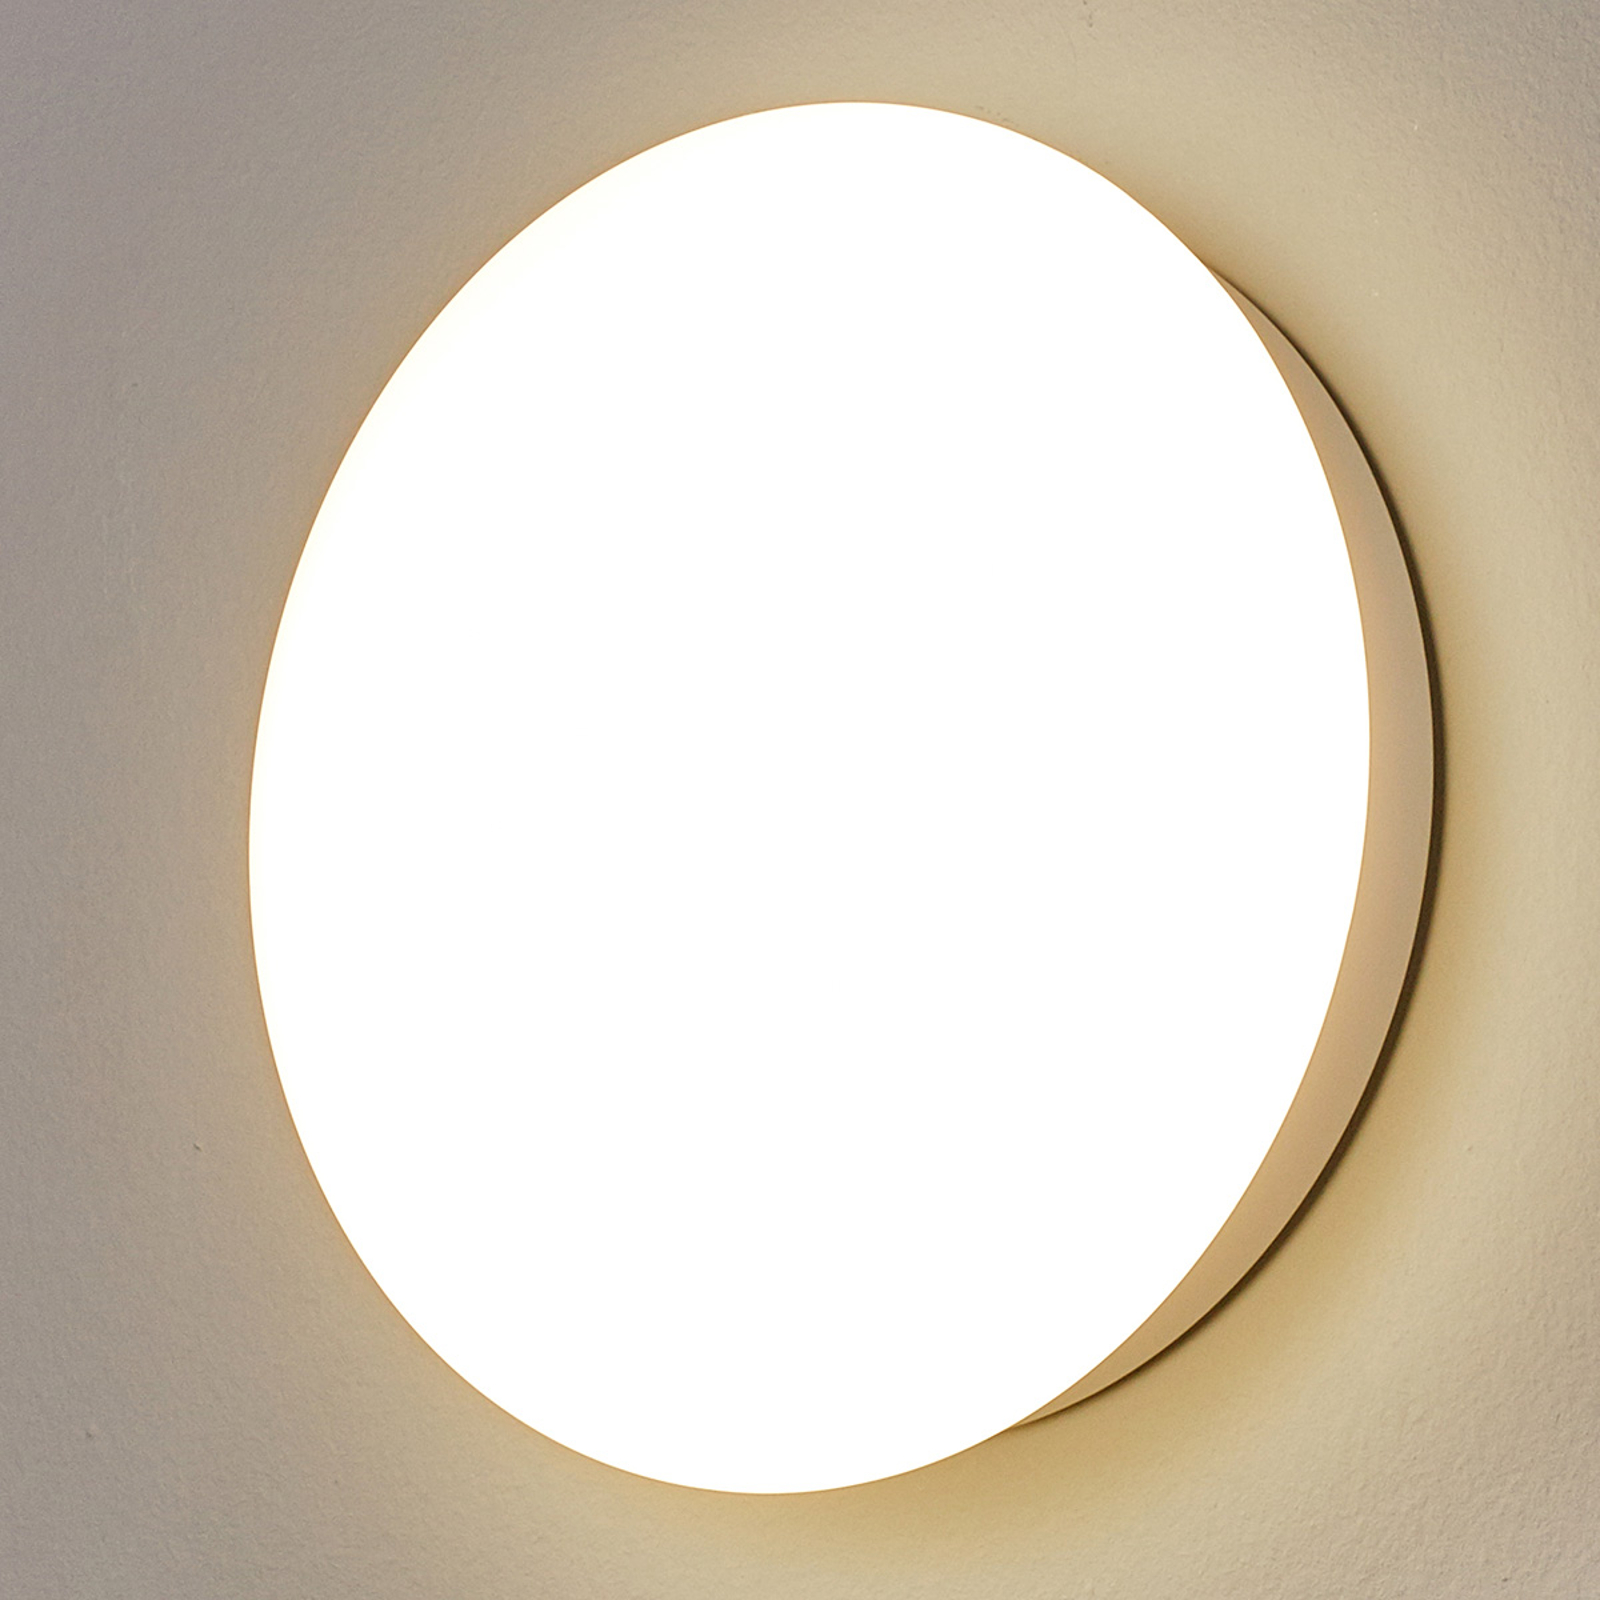 Lampa ścienna LED Sun 12 IP55, 8W 3000K